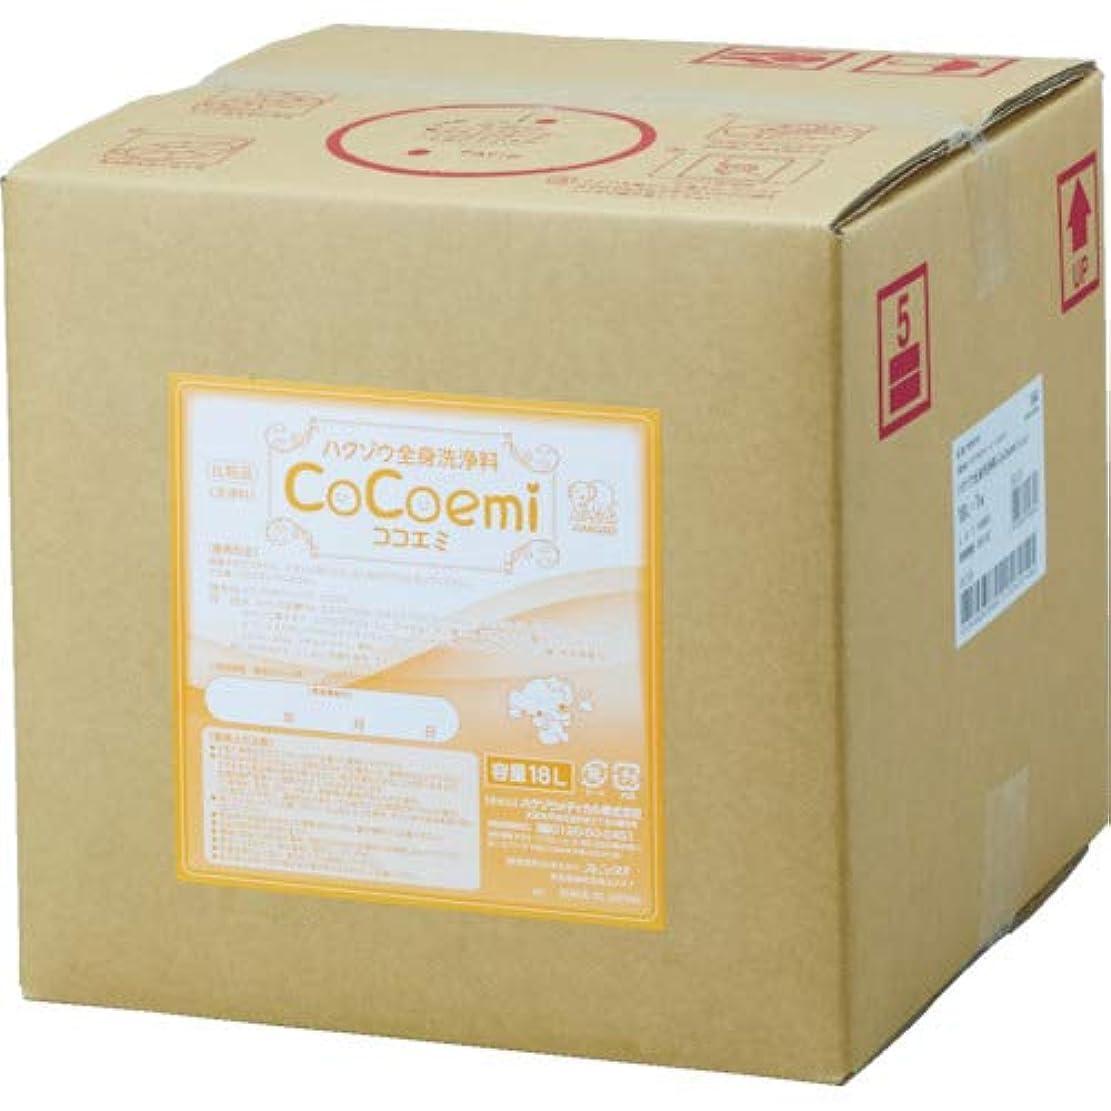 待って調停する通常ハクゾウメディカル ハクゾウ全身洗浄料CoCoemi(ココエミ) 18L 3009018